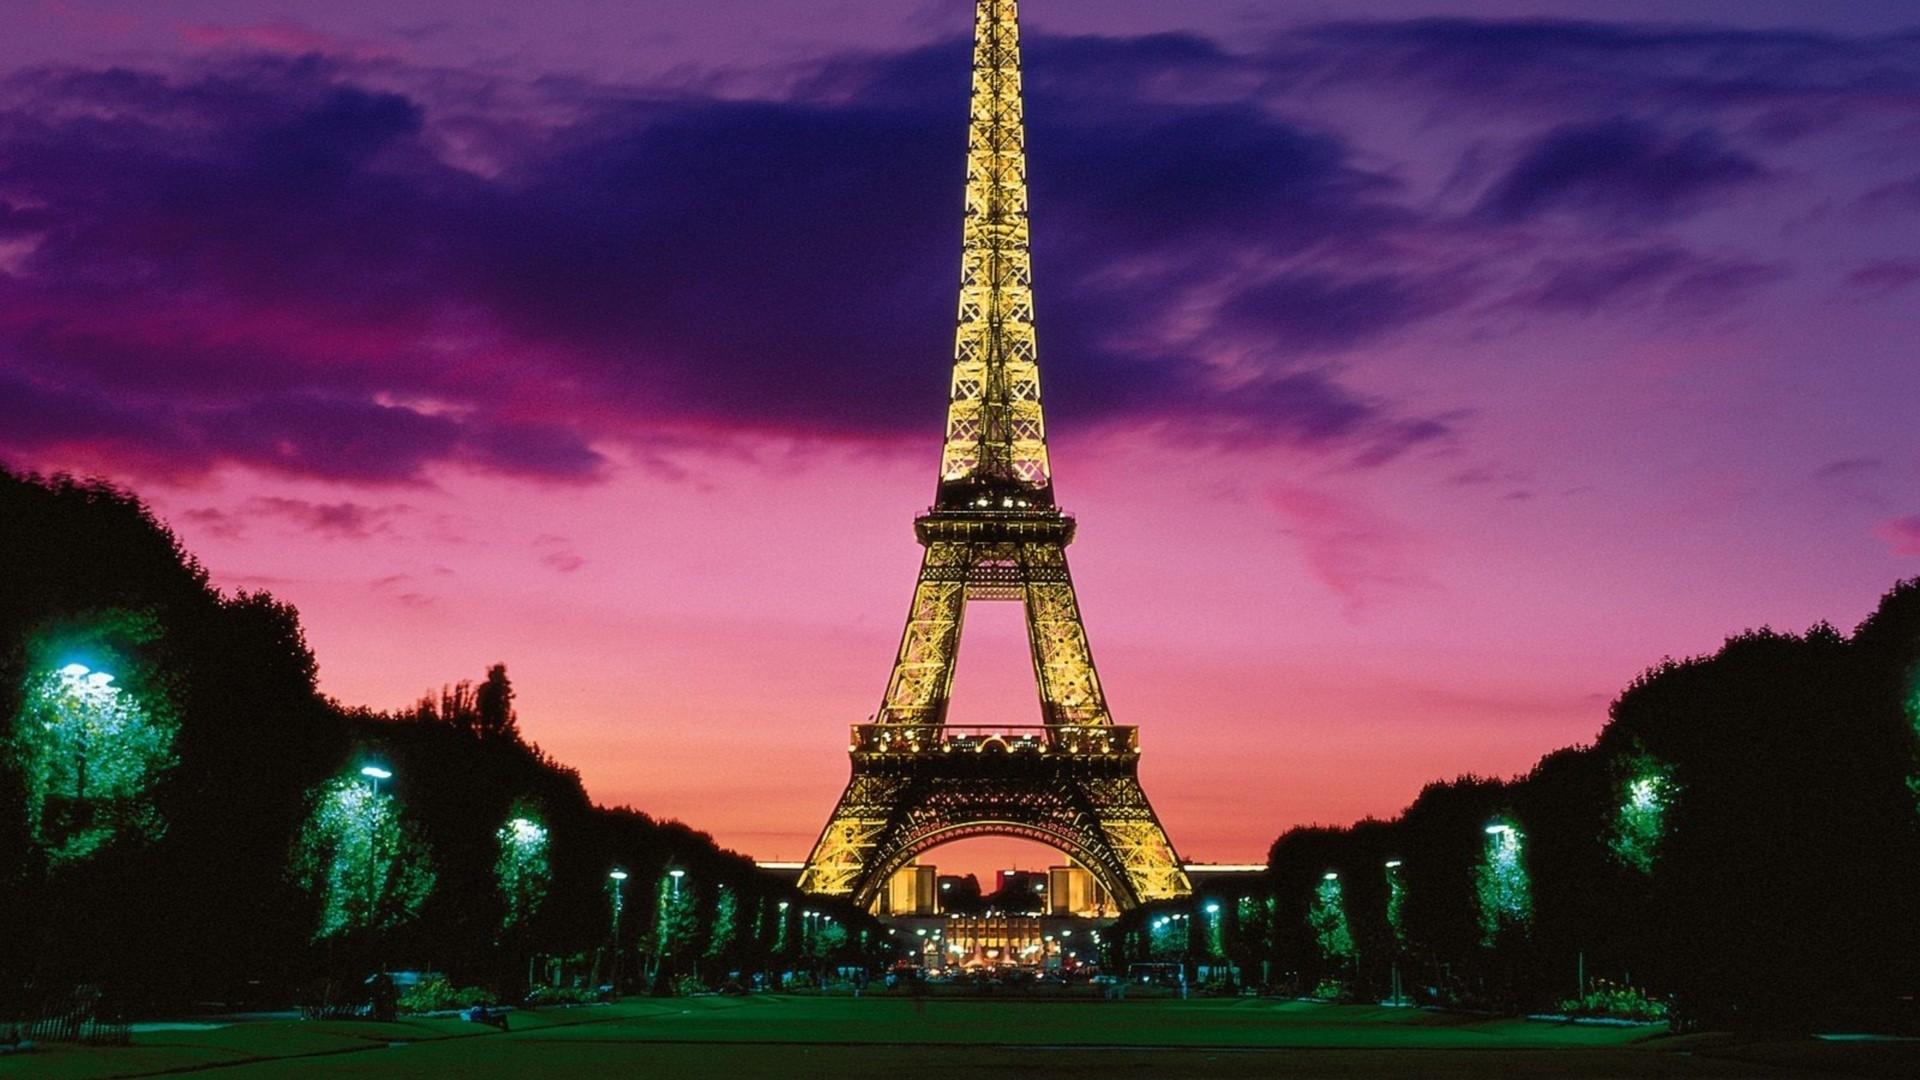 Eiffel Tower computer wallpaper